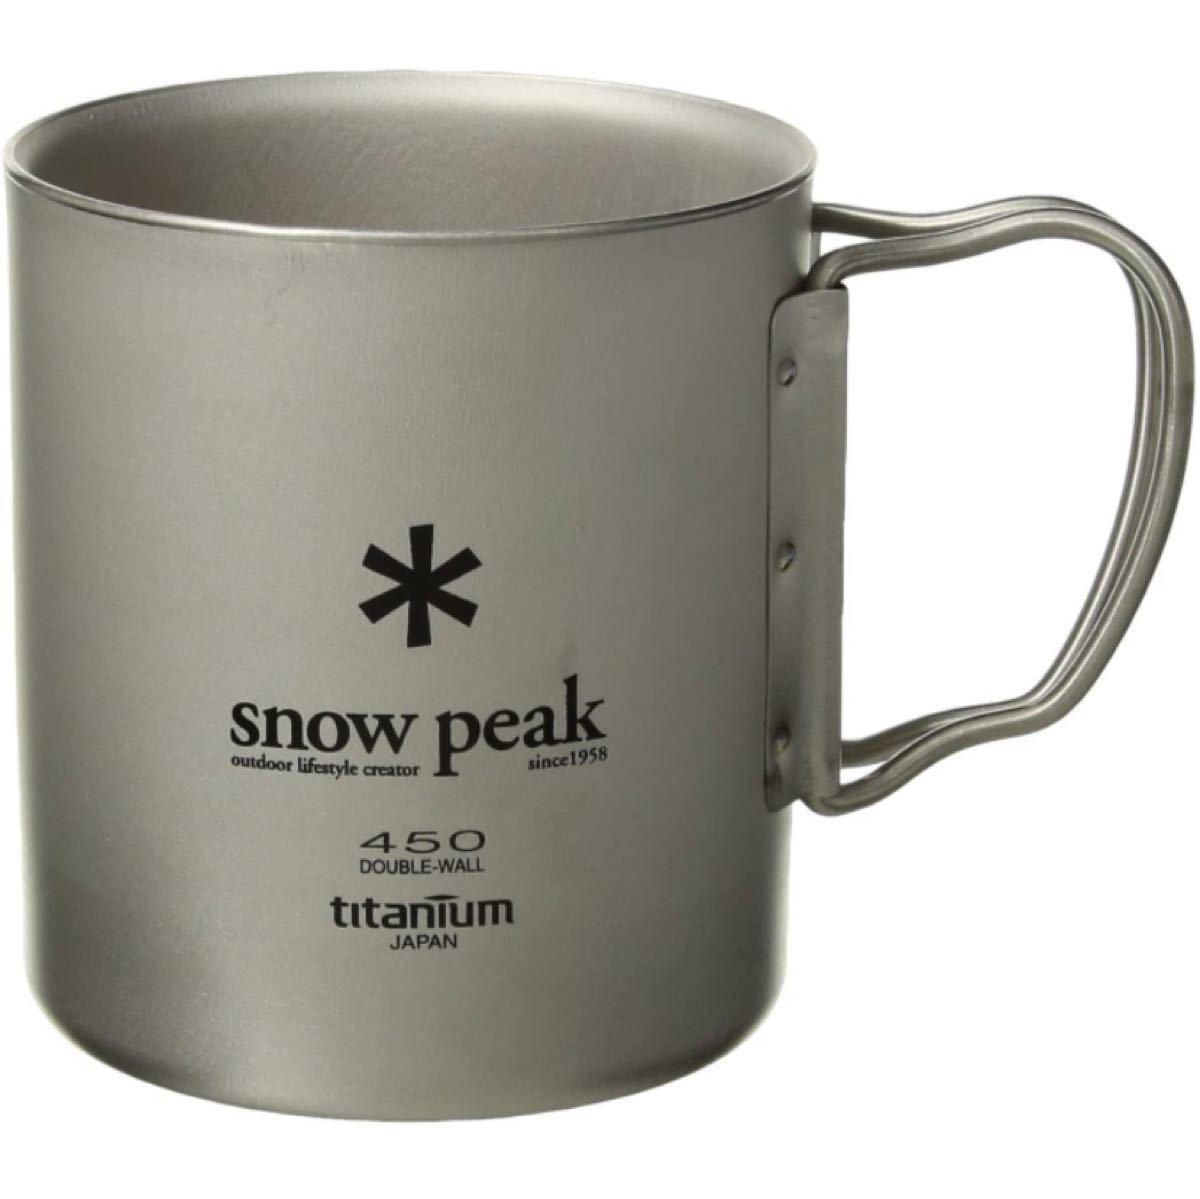 snow peak スノーピーク チタンダブル マグ 300 450 【2個セット】